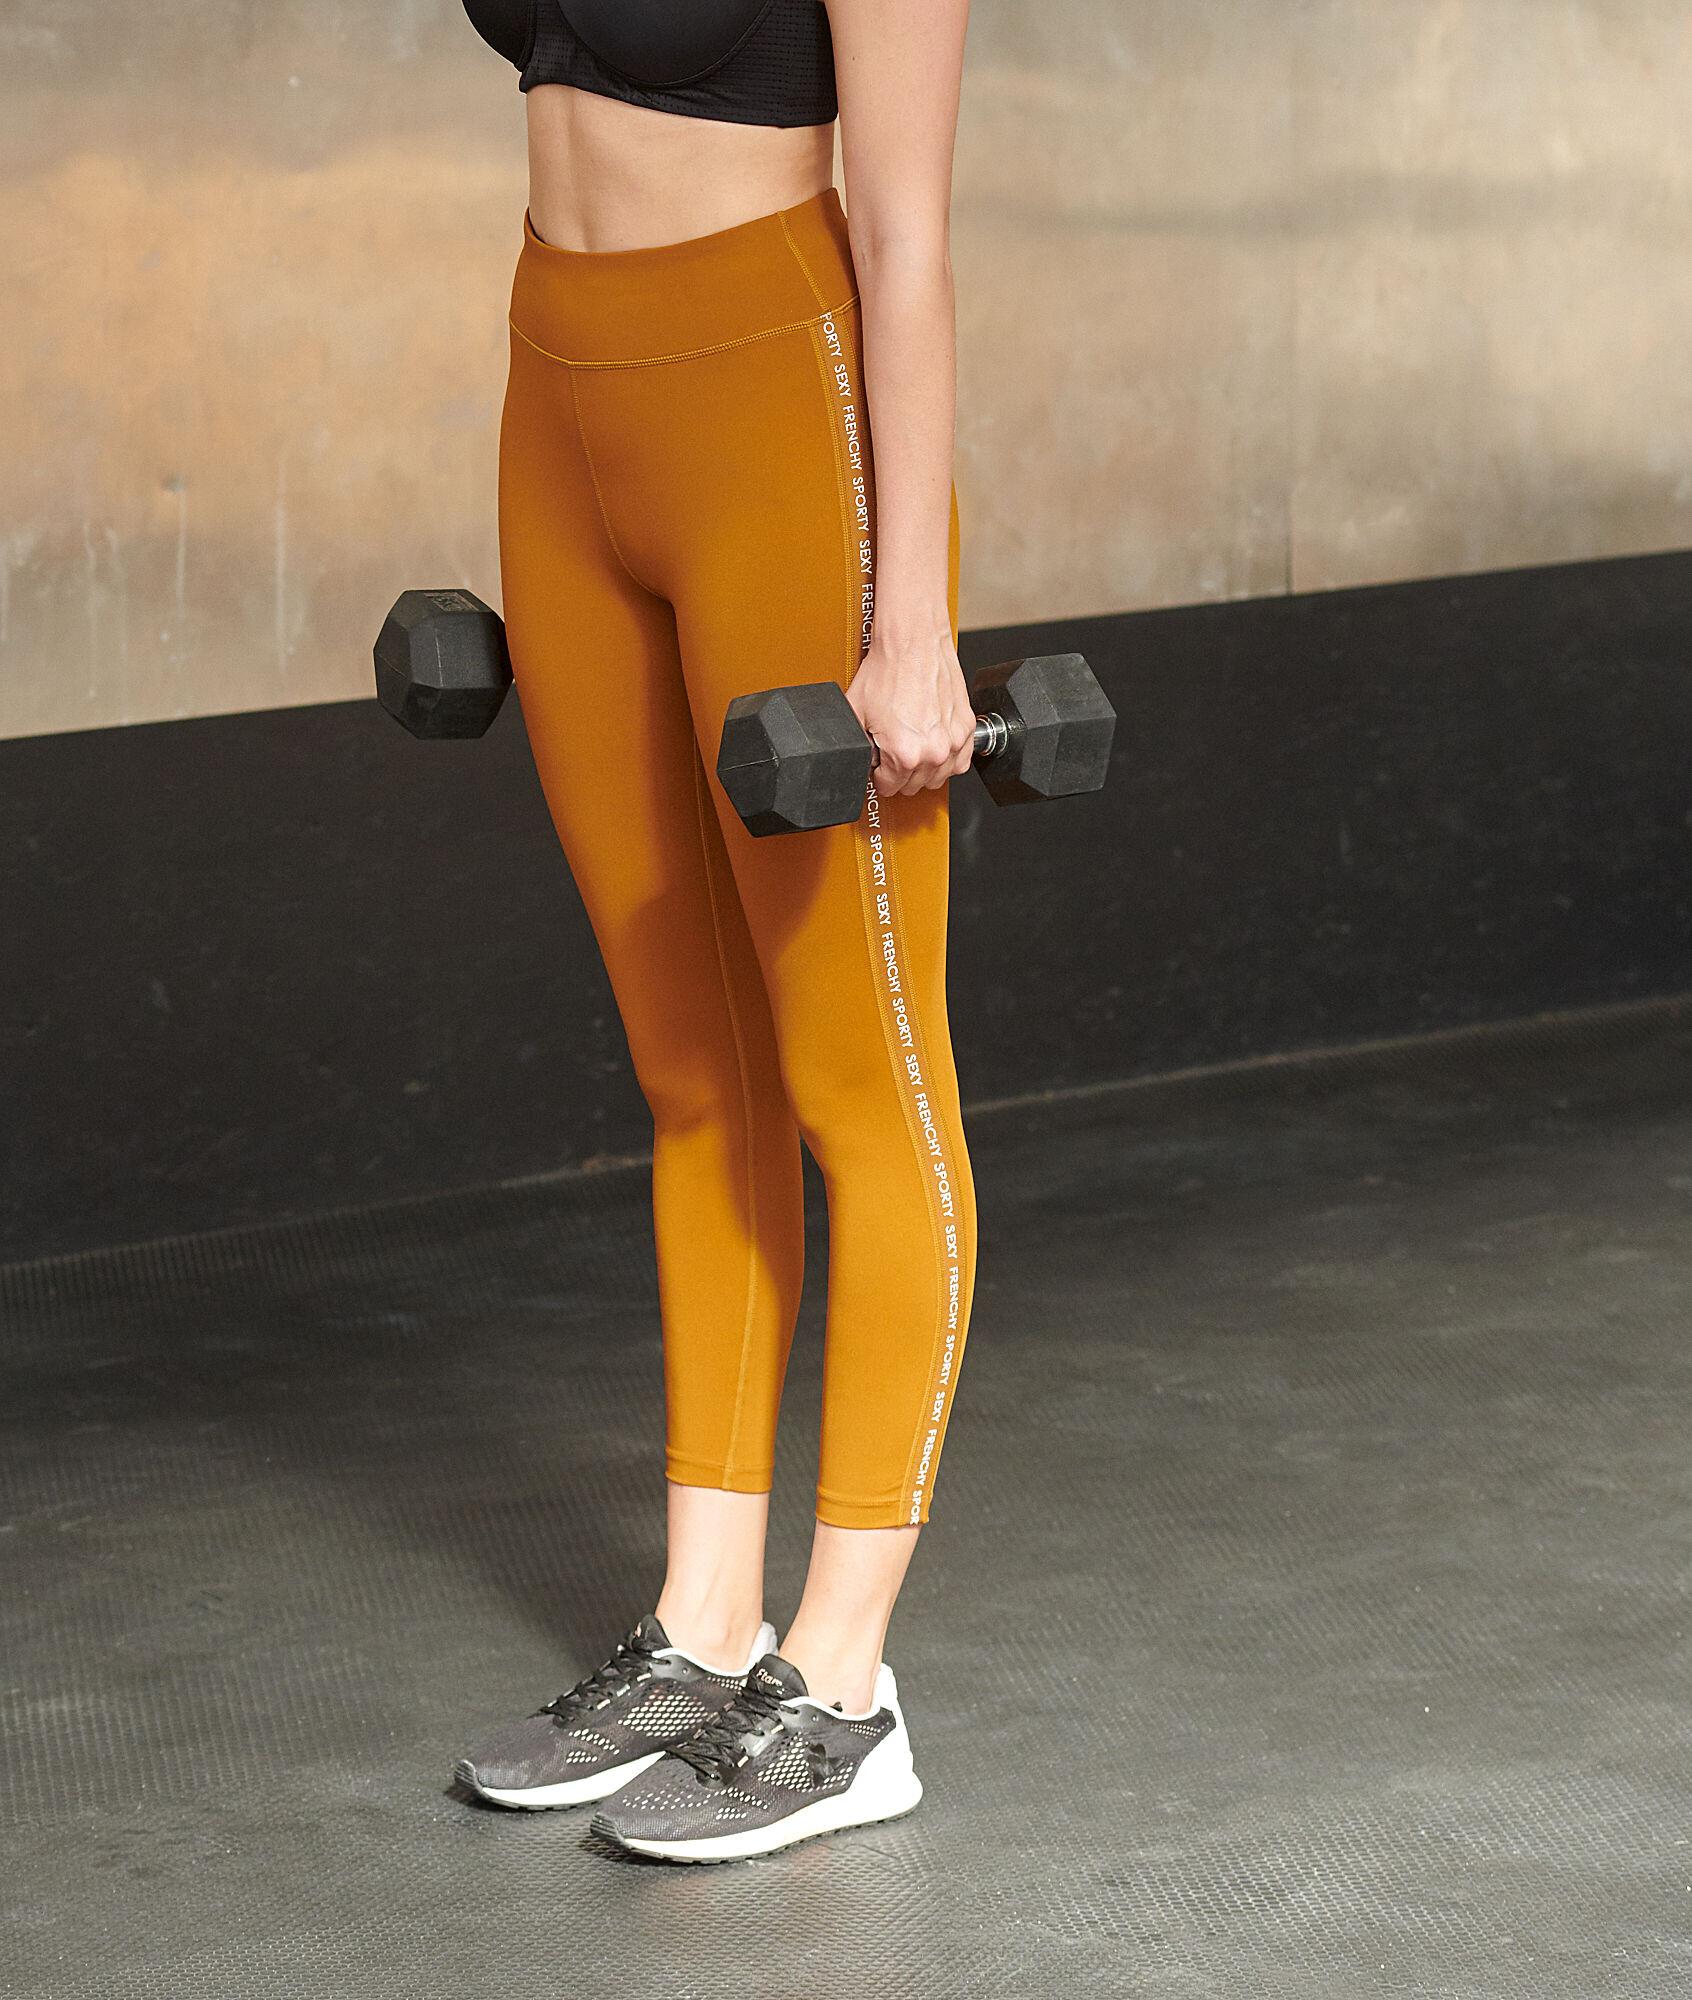 Короткие спортивные леггинсы - DAN - Саванна - S